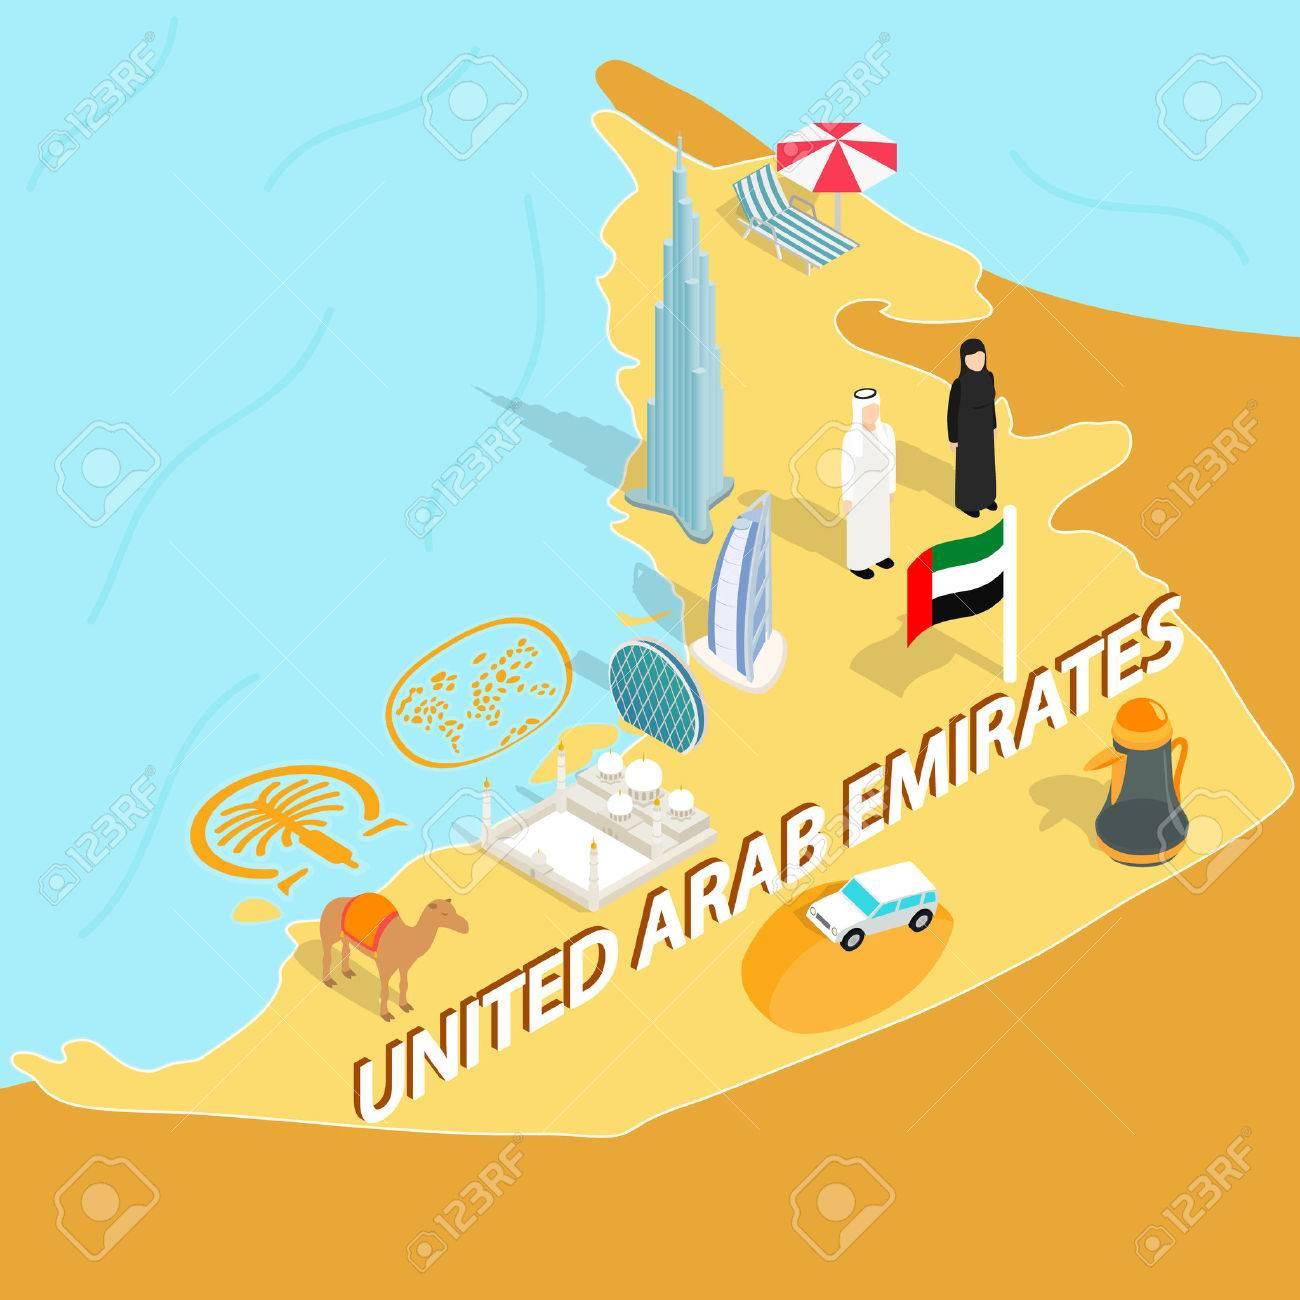 United Arab Emirates Map In Isometric 3d Style Symbols Of UAE